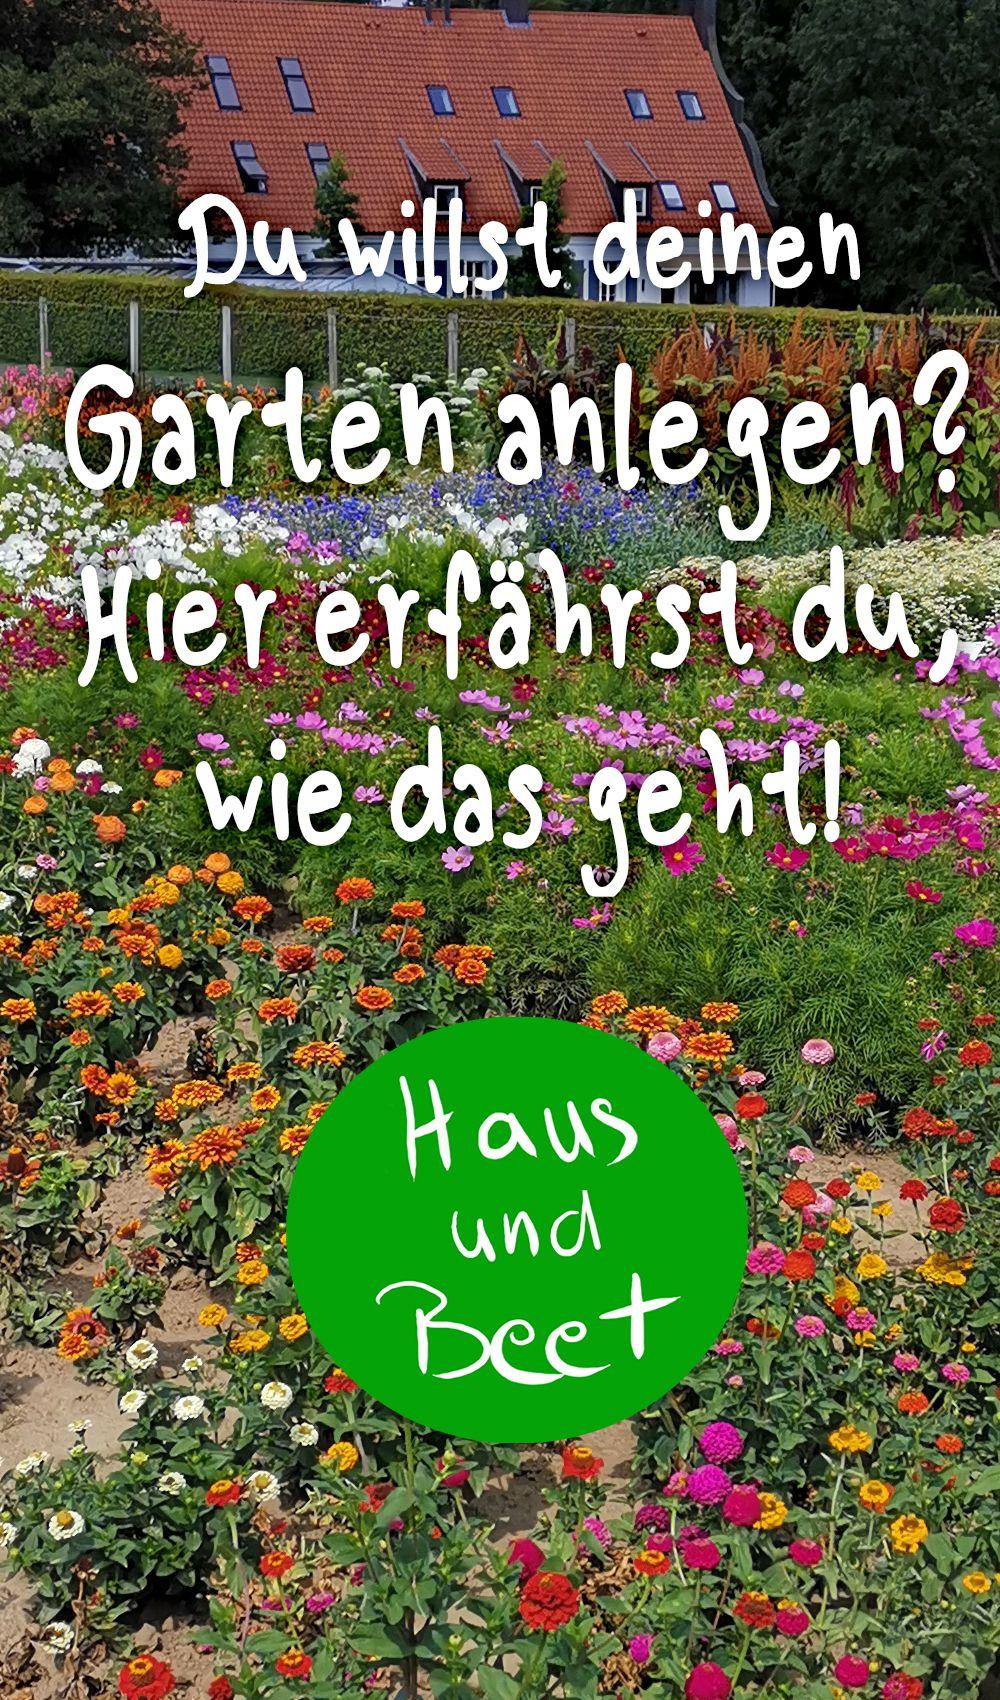 Garten anlegen - Haus und Beet